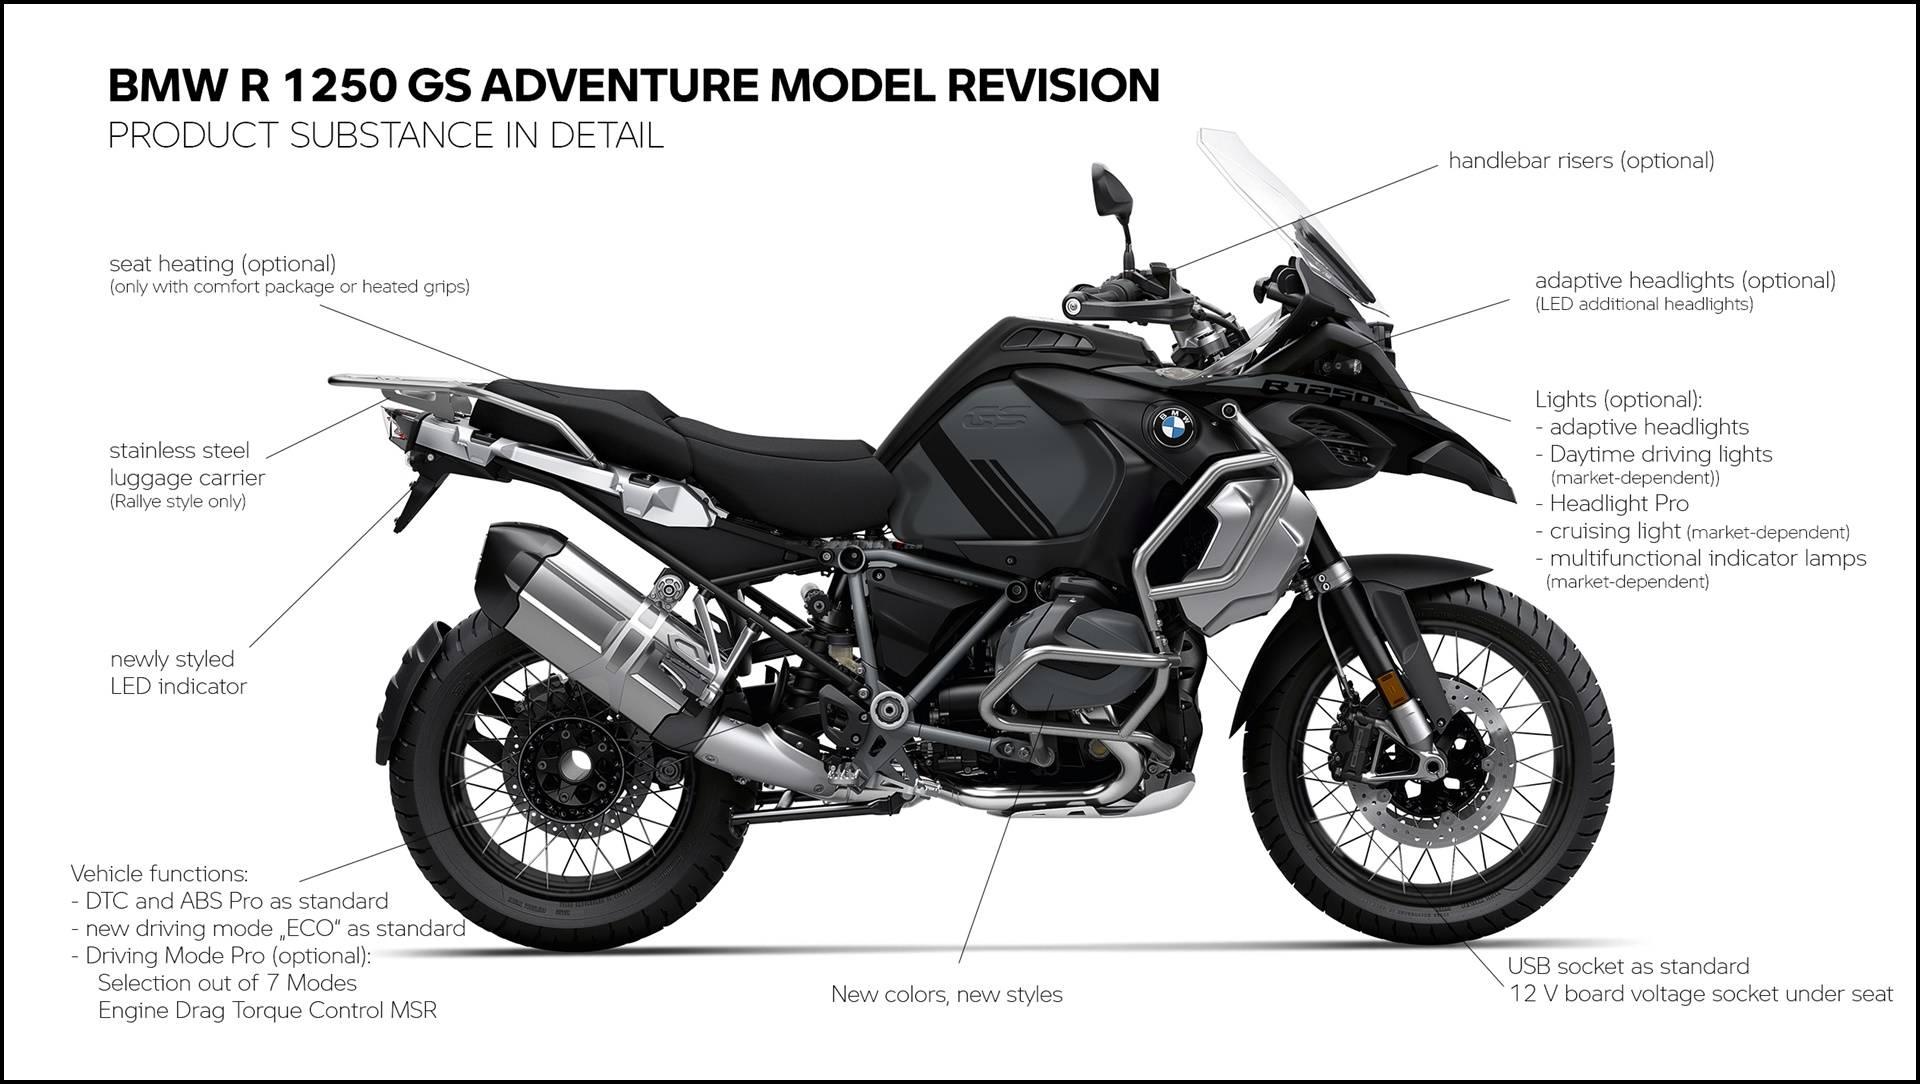 bmw r 1250 gs 2021 adventure